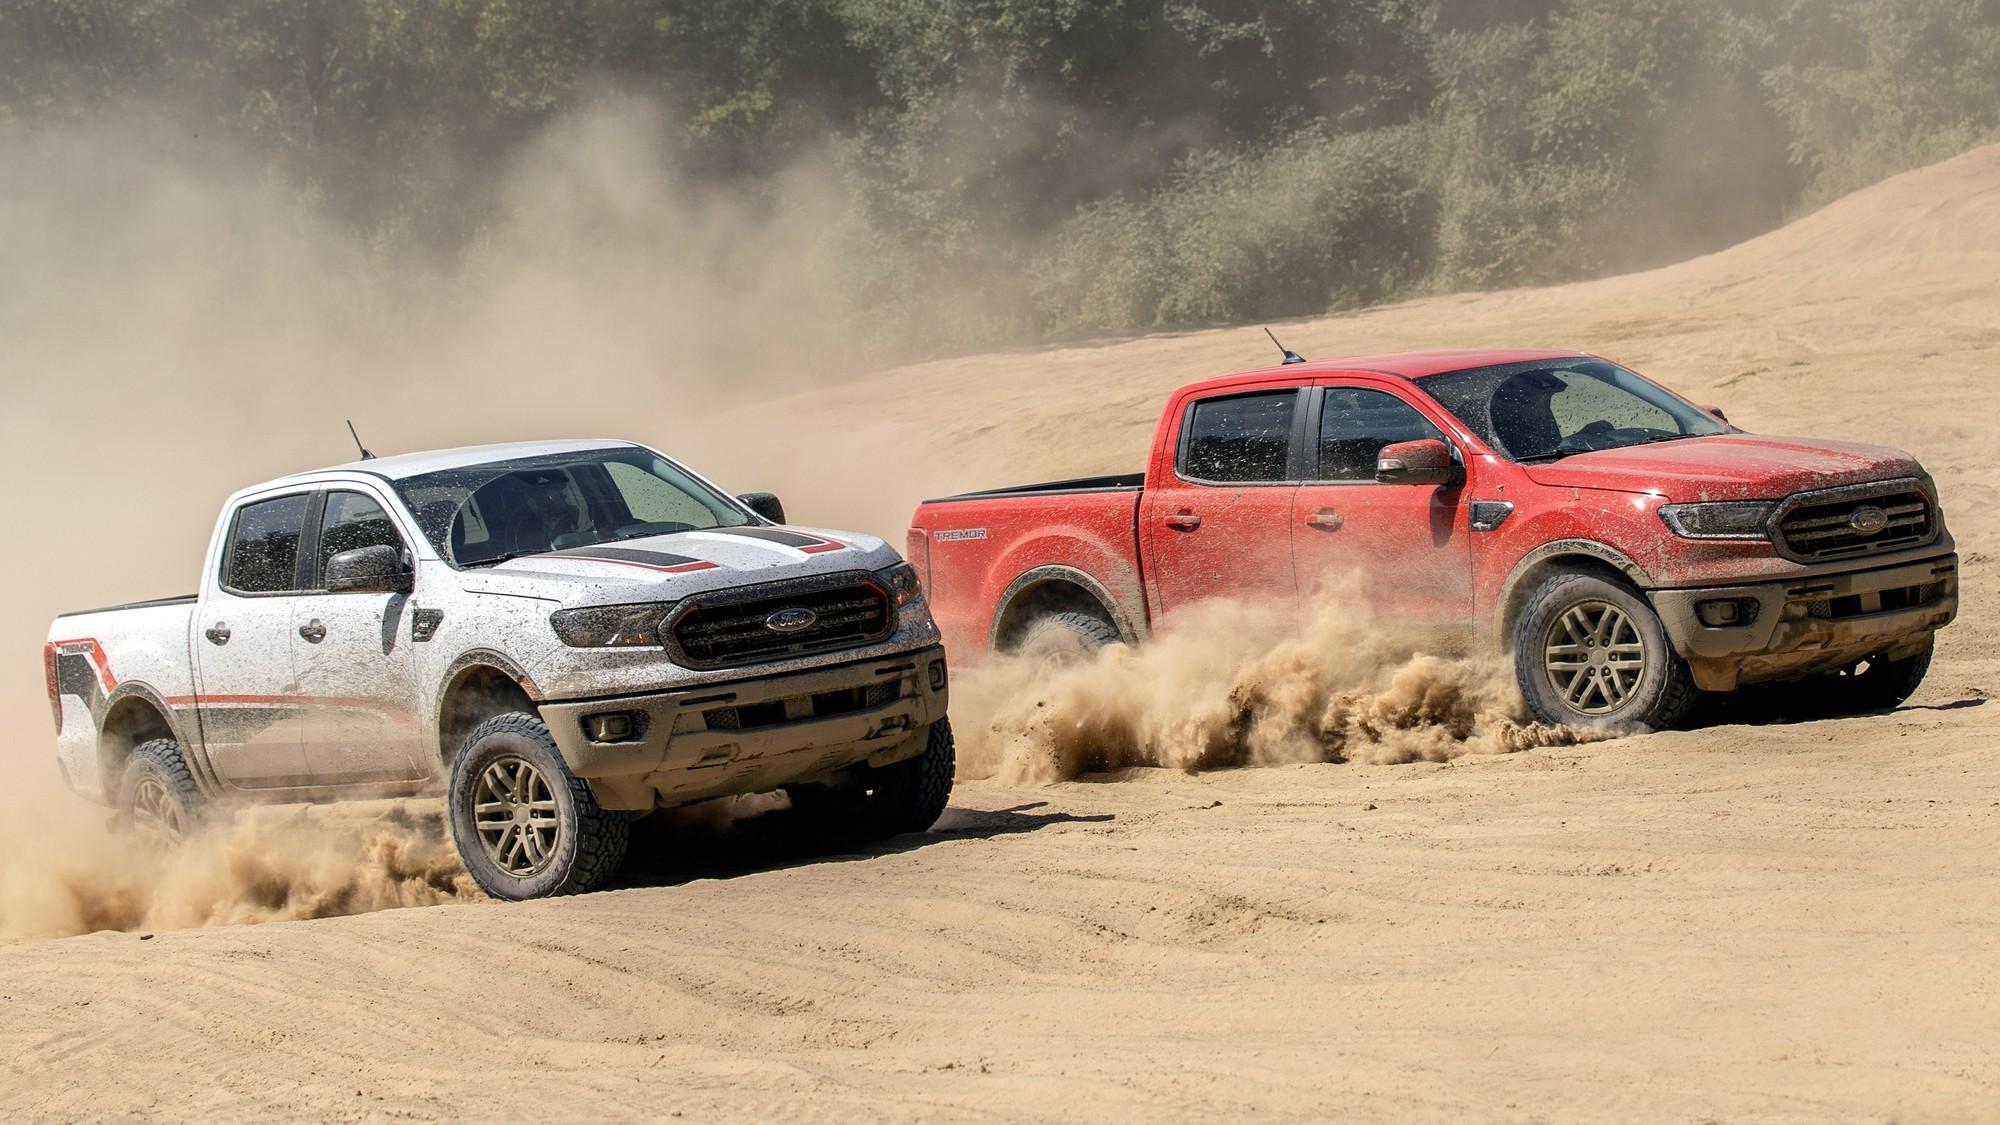 «Дрожь» вместо «хищника»: в США дебютировал оффроудный Ford Ranger Tremor